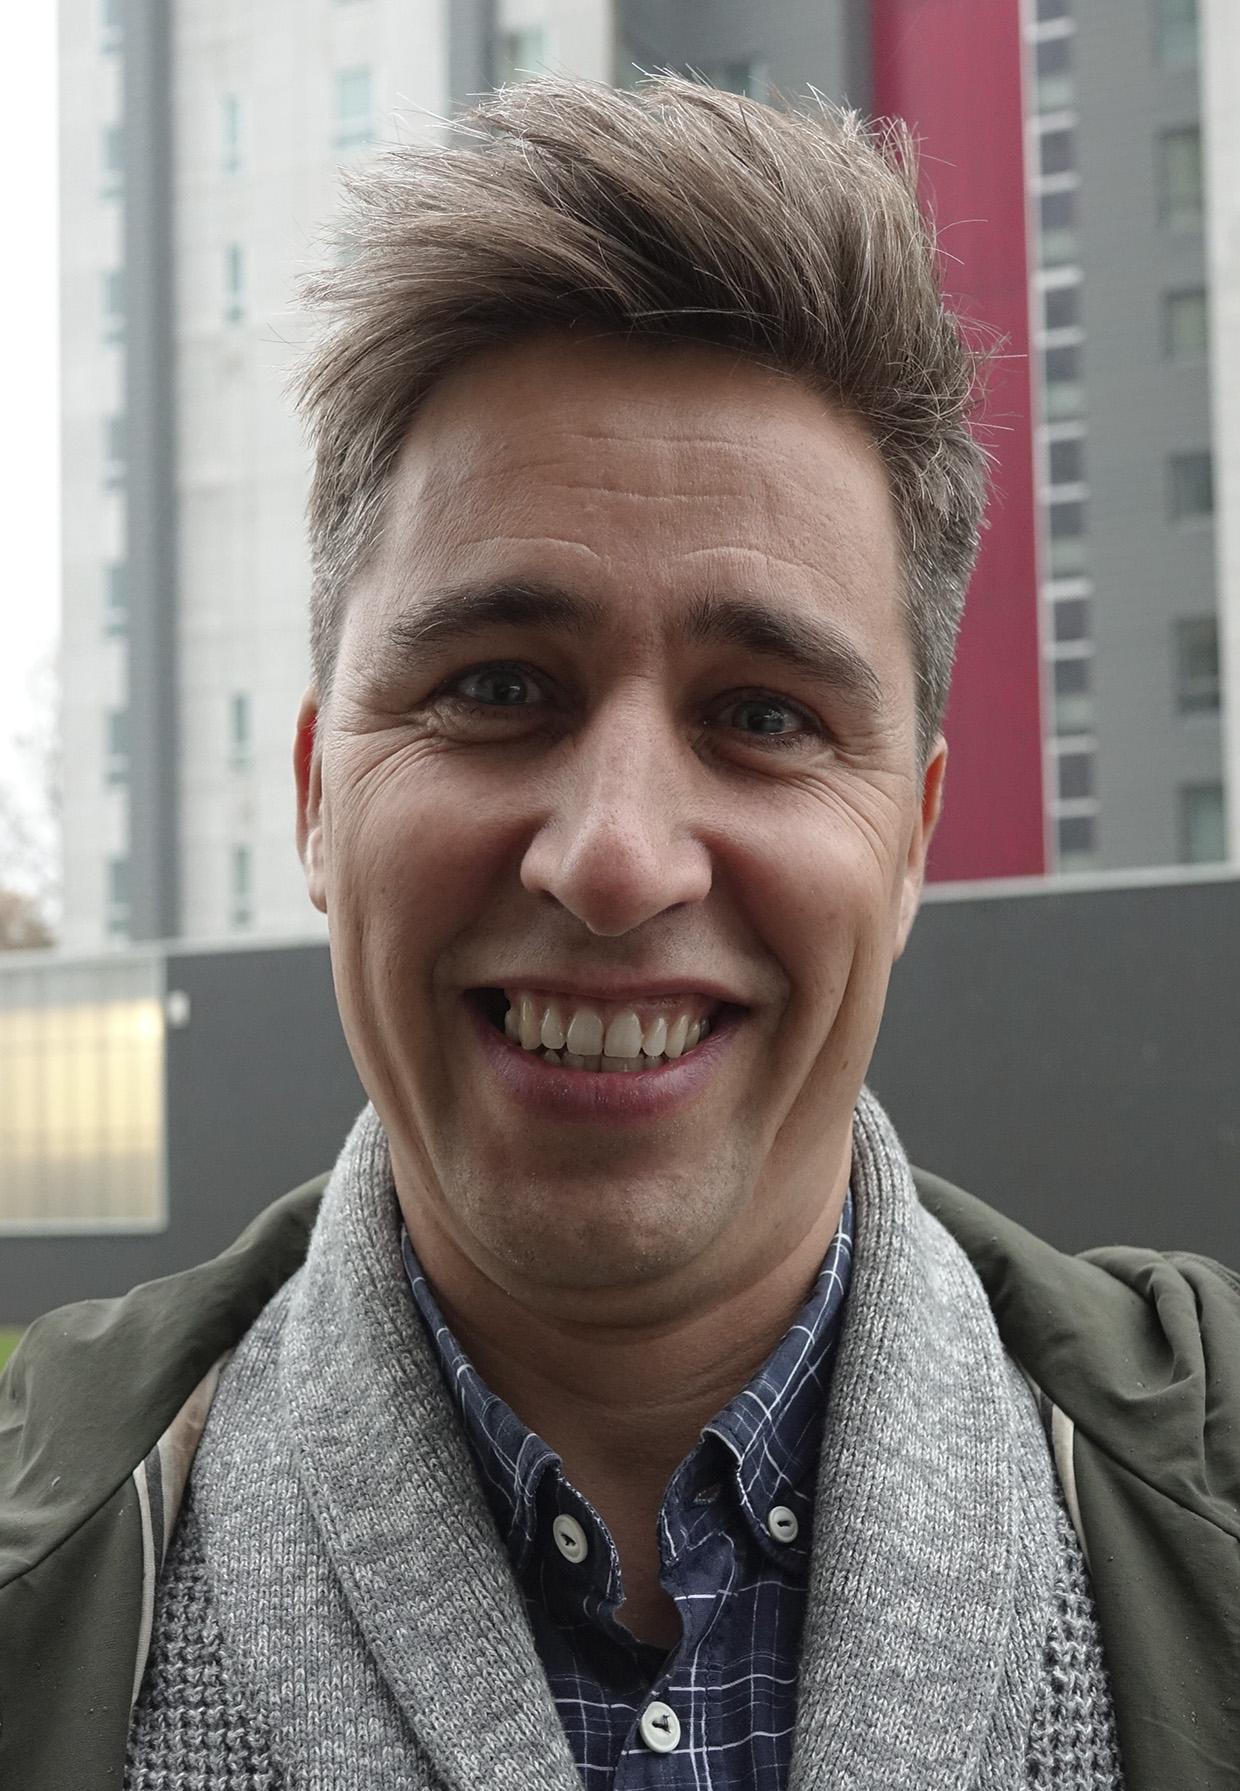 Rob Van Soom